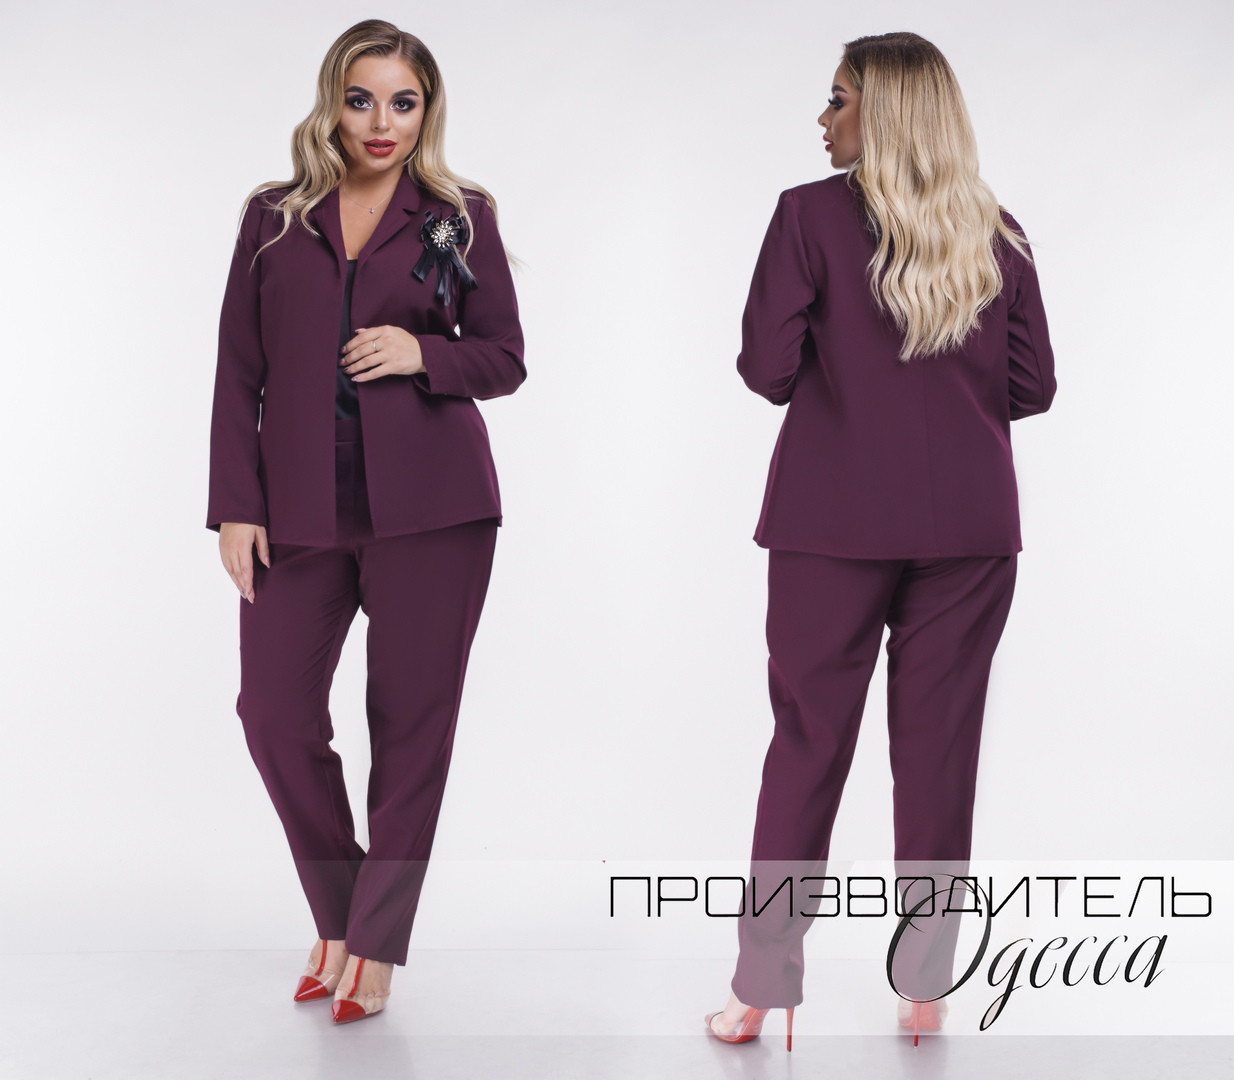 d1edd46fa3c9 Брючный костюм тройка пиджак+майка+штаны батал размеры:48, 50, 52 ...